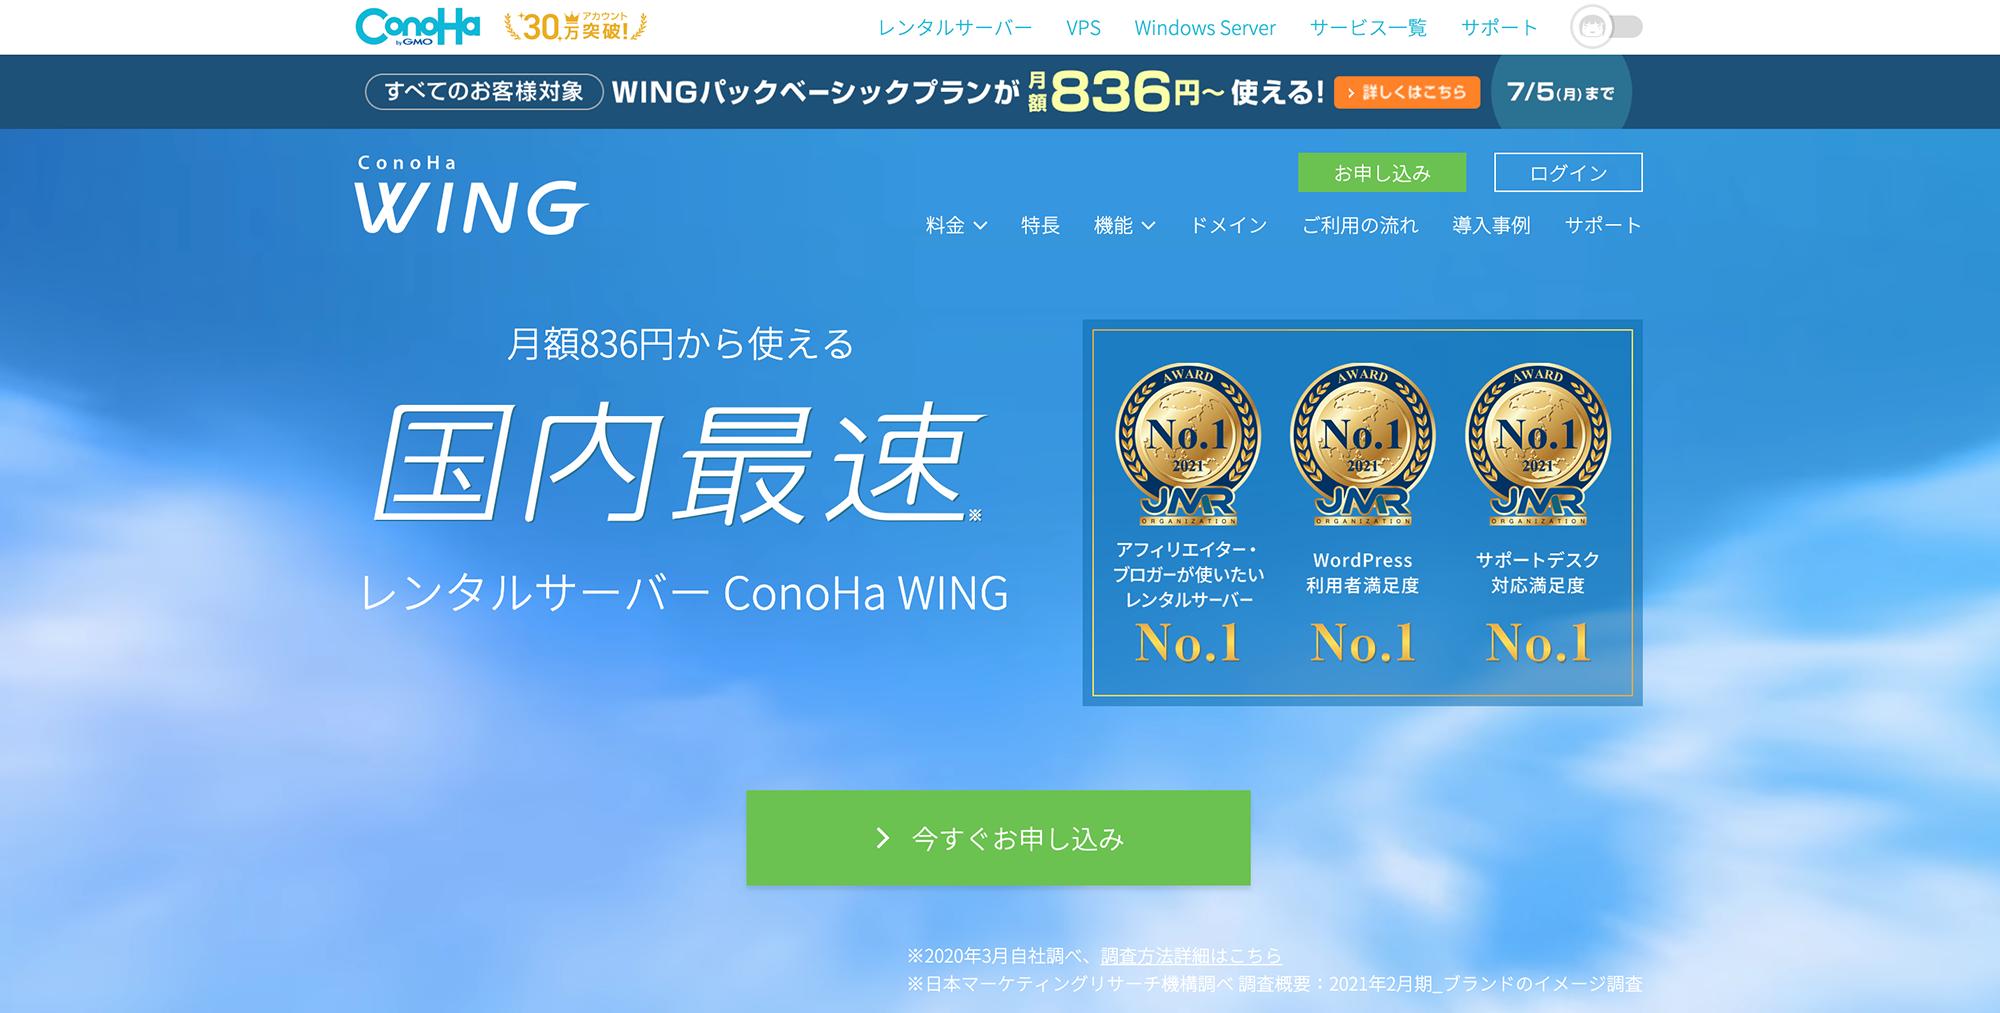 ConoHa Wingの公式サイトのトップページ